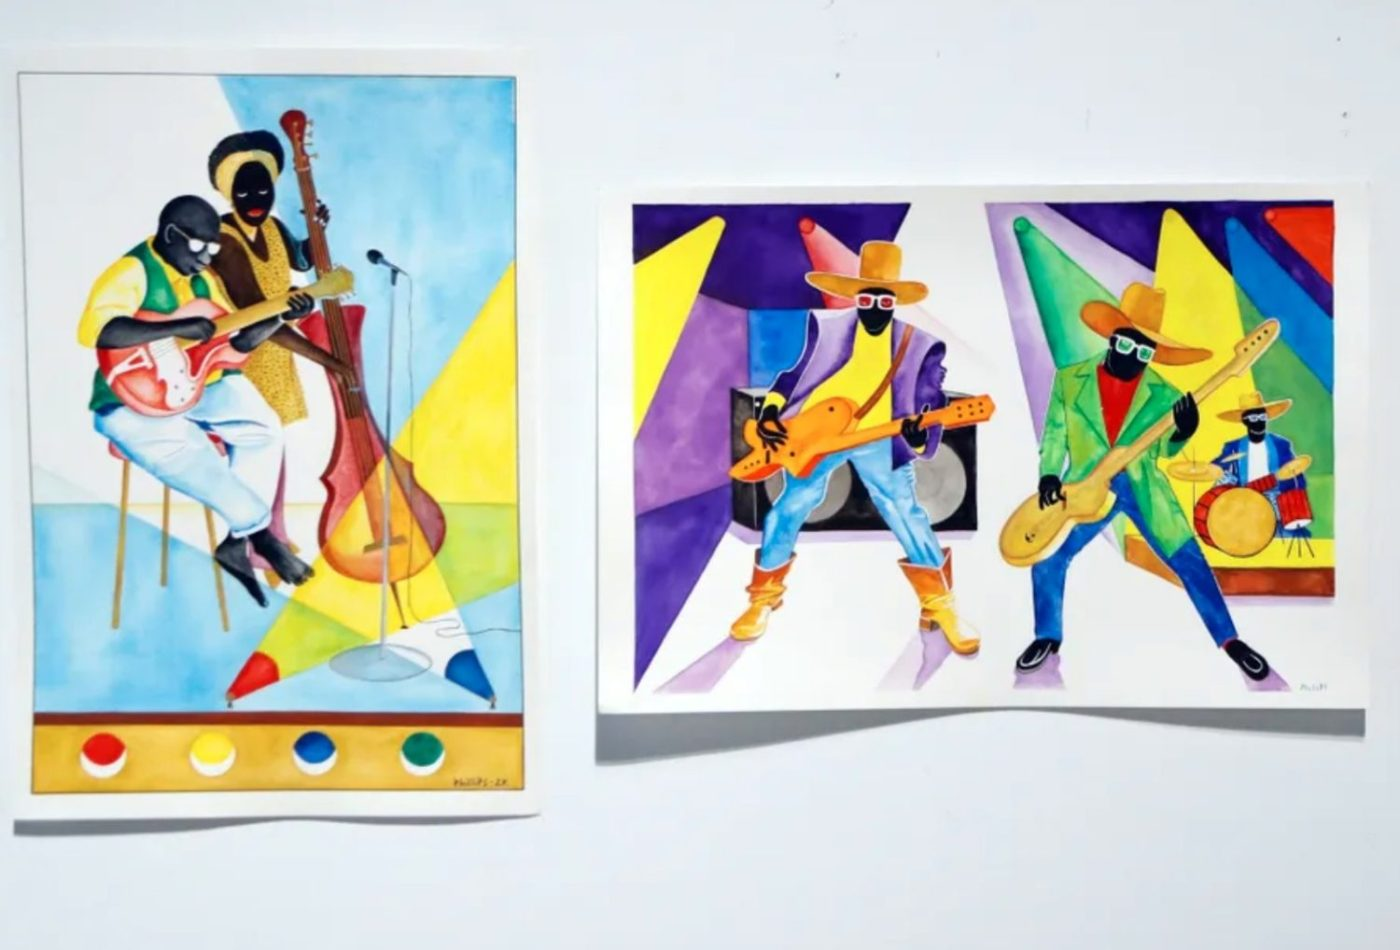 Richard-Phillips-painting-I-Like-Jazz-1400x950, I Like Jazz, World News & Views